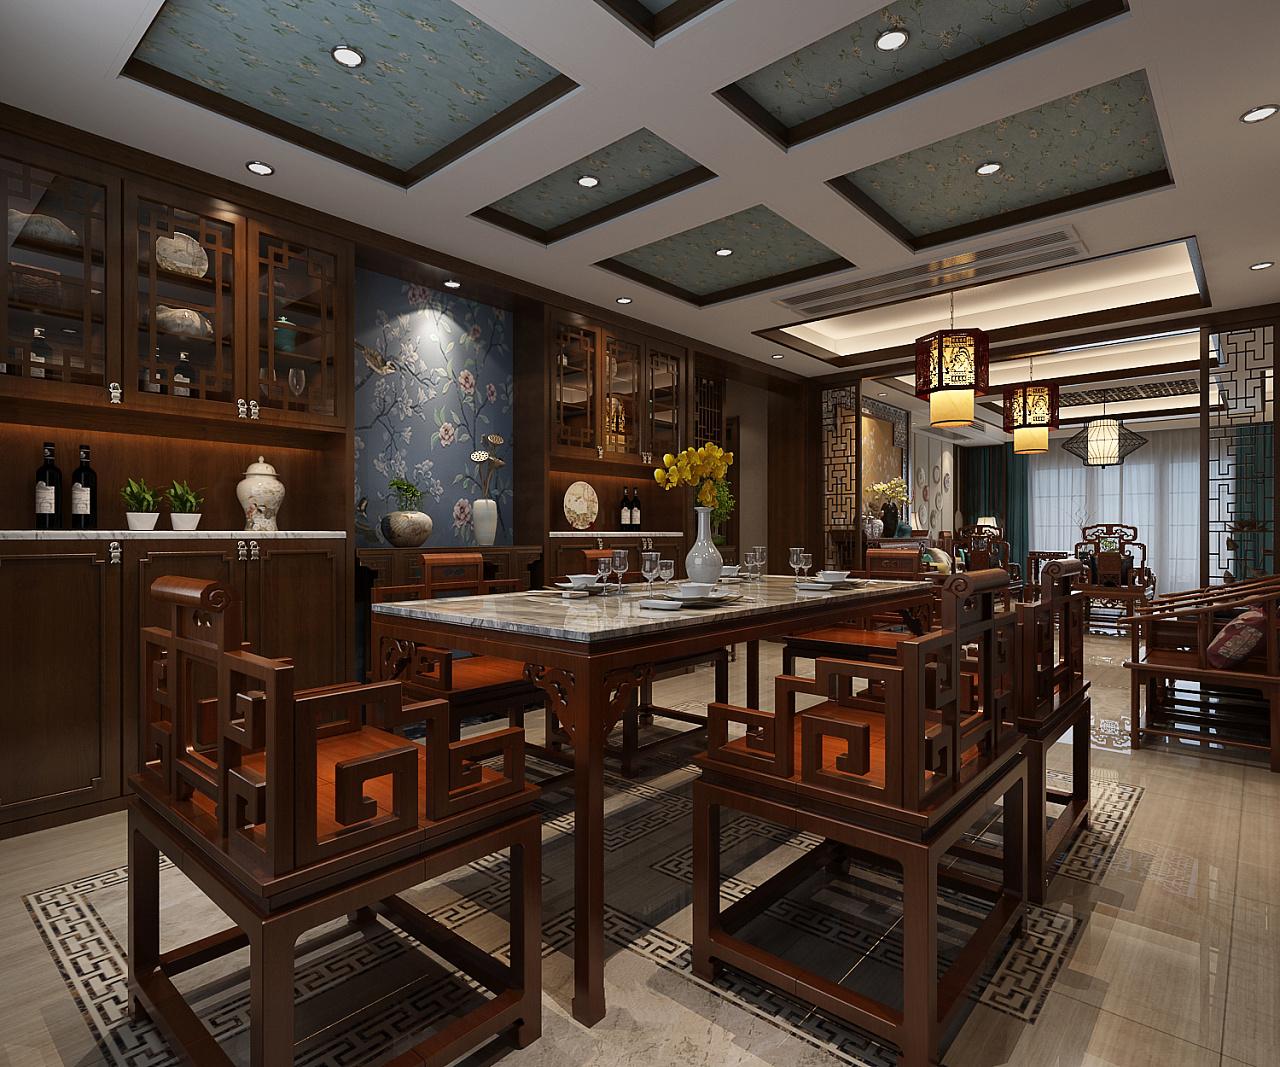 中式别墅装修设计讲究整体布局与高端格调,造型豪华温暖,色彩浓郁又沉稳,精致的空间回归自然、朴实和谐,以现代装饰设计的色彩配于中式元素相互交际融合,缔造清幽雅致,气势恢宏的豪宅生活。  中式别墅玄关装修设计效果图